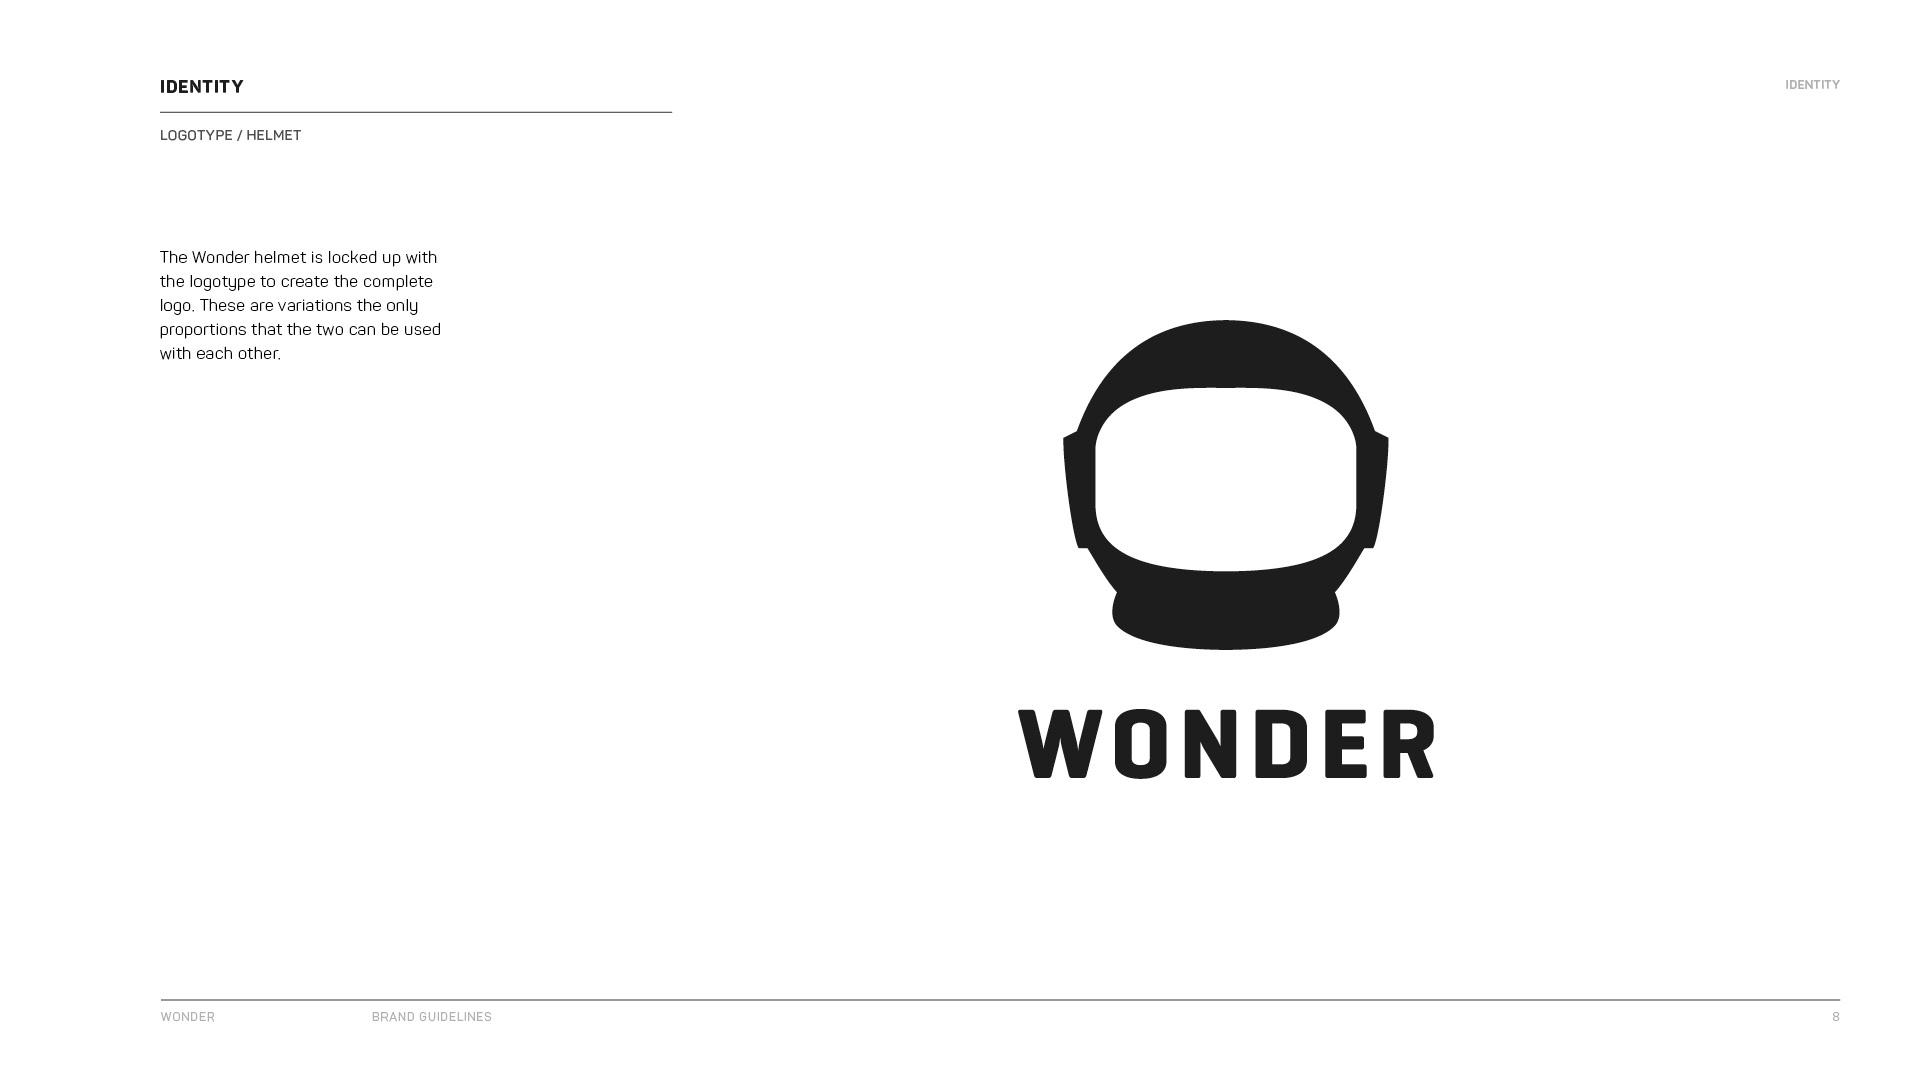 Wonder_BrandGuidelines_V1.18